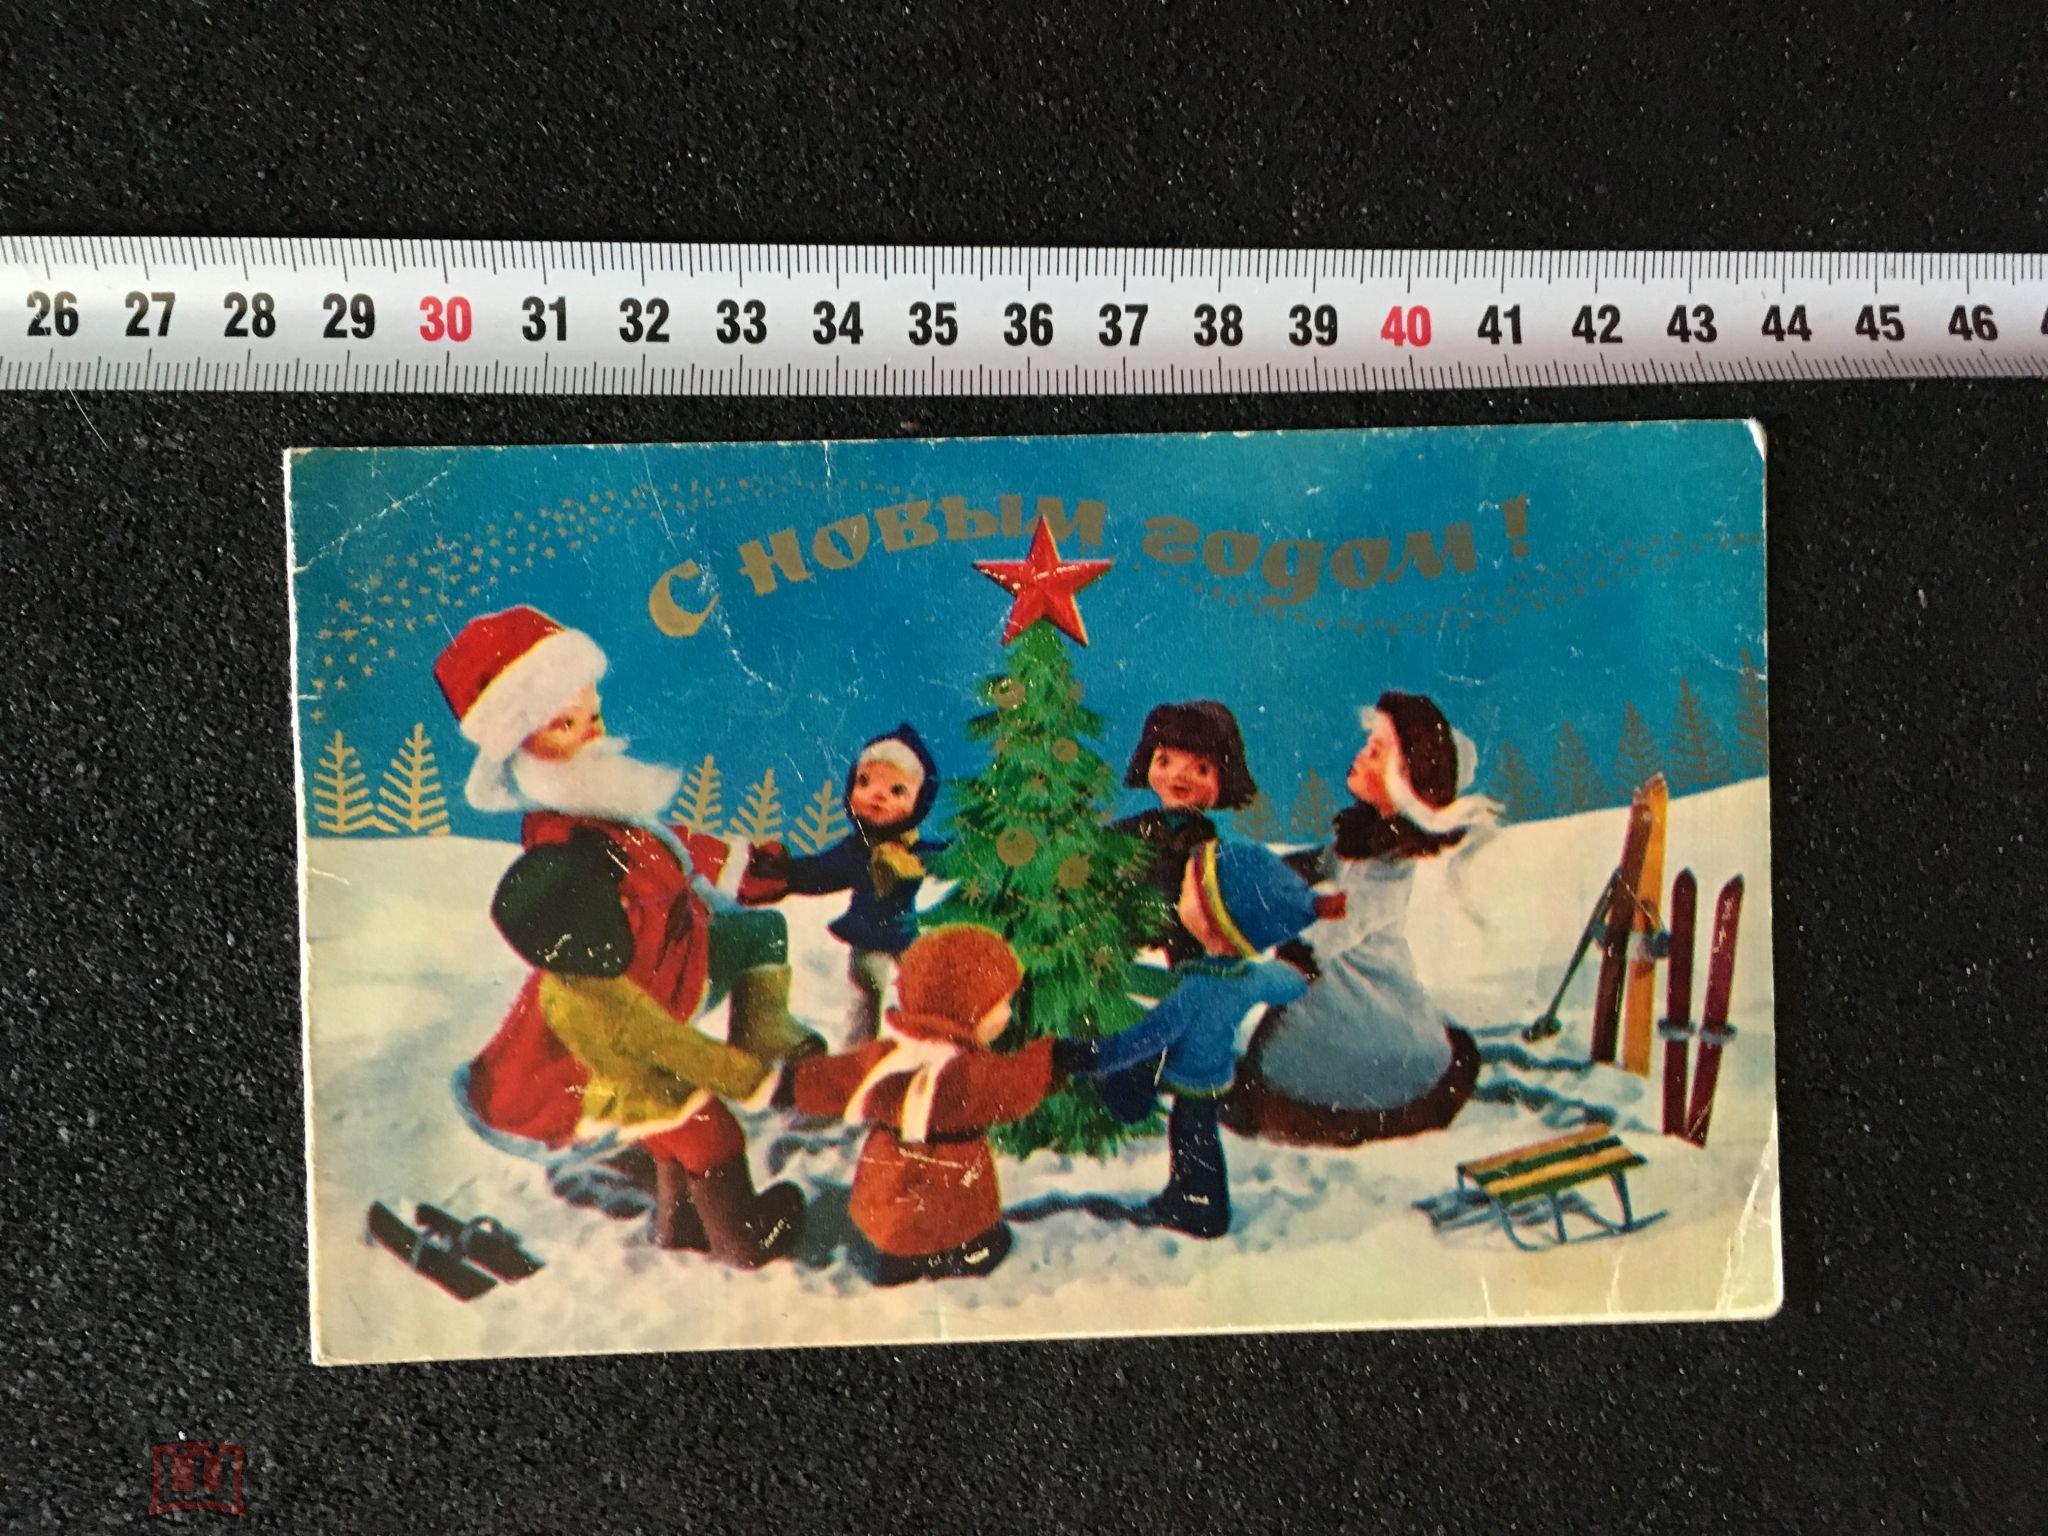 Ручной работы, стоимость открыток 1976 года